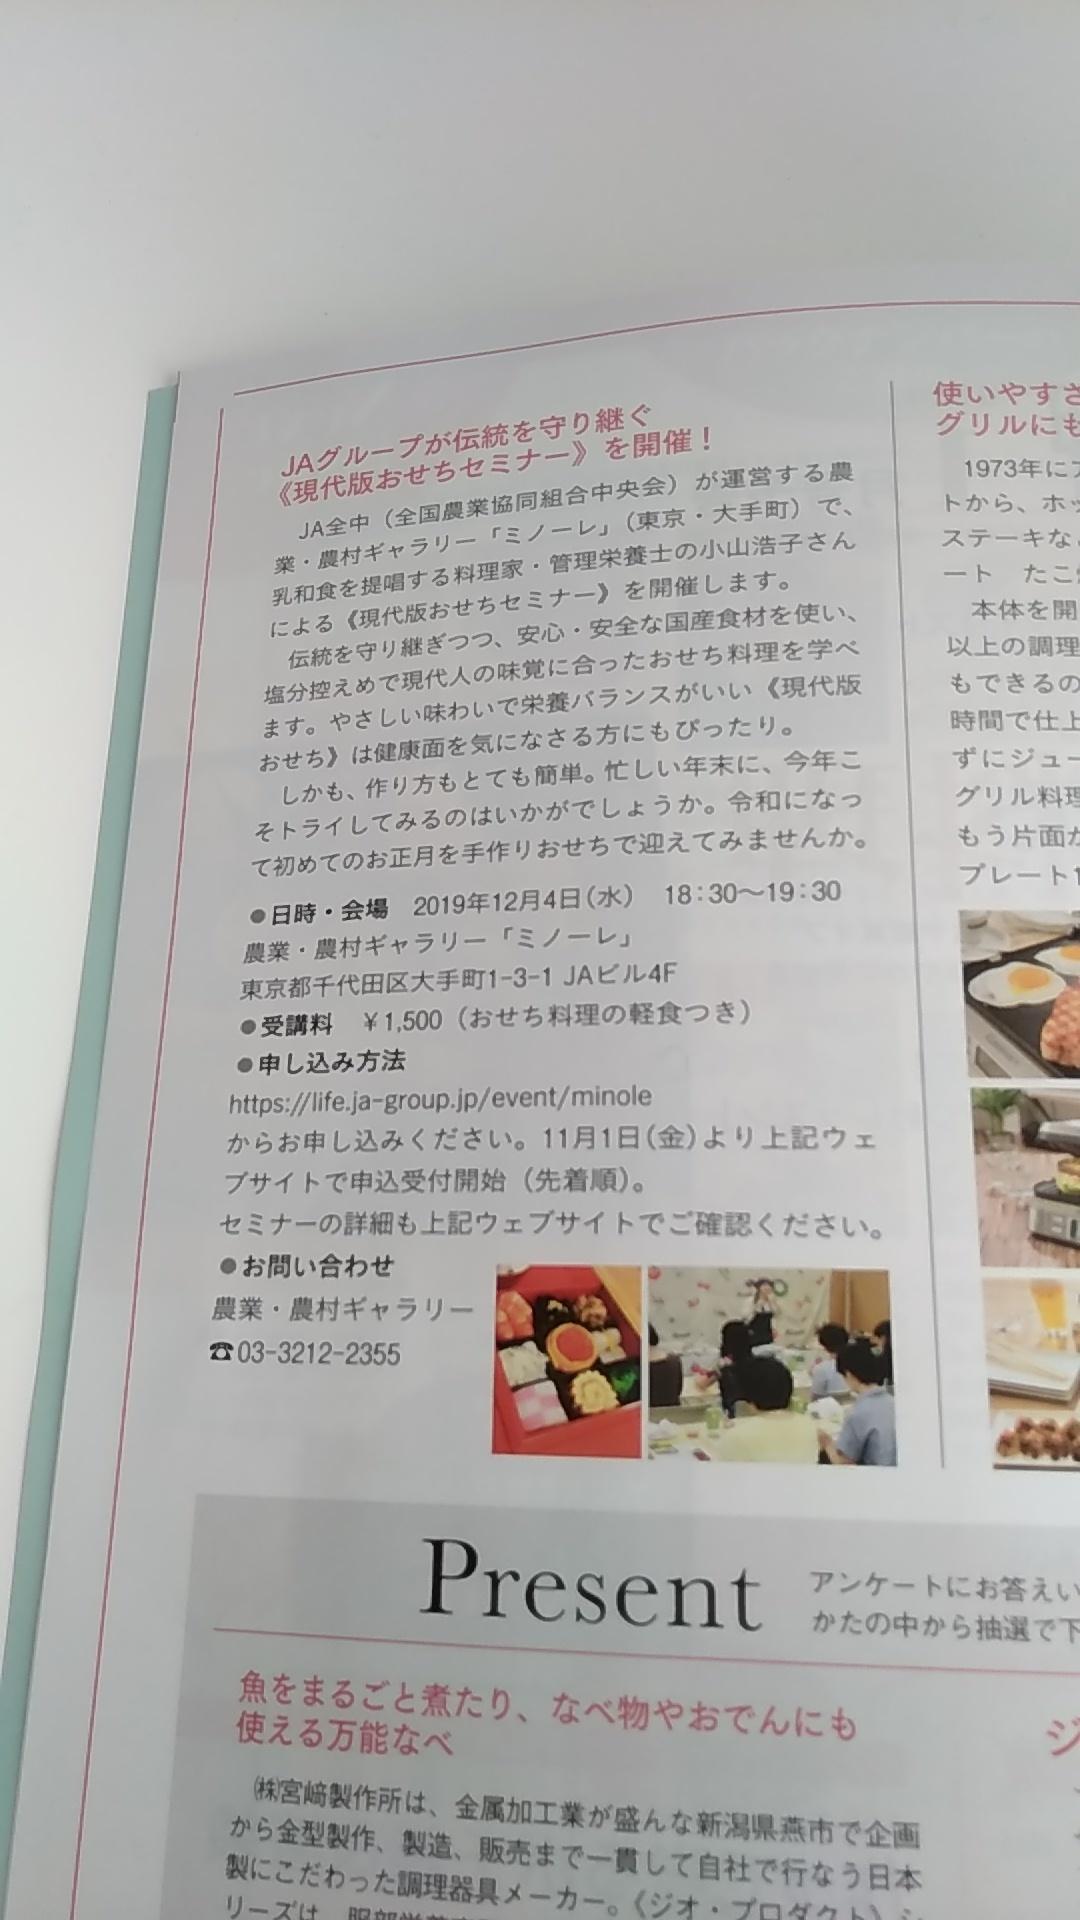 12/4 大手町JAミノーレでおせち料理レッスンさせて頂きます(^^♪_b0204930_12430609.jpg